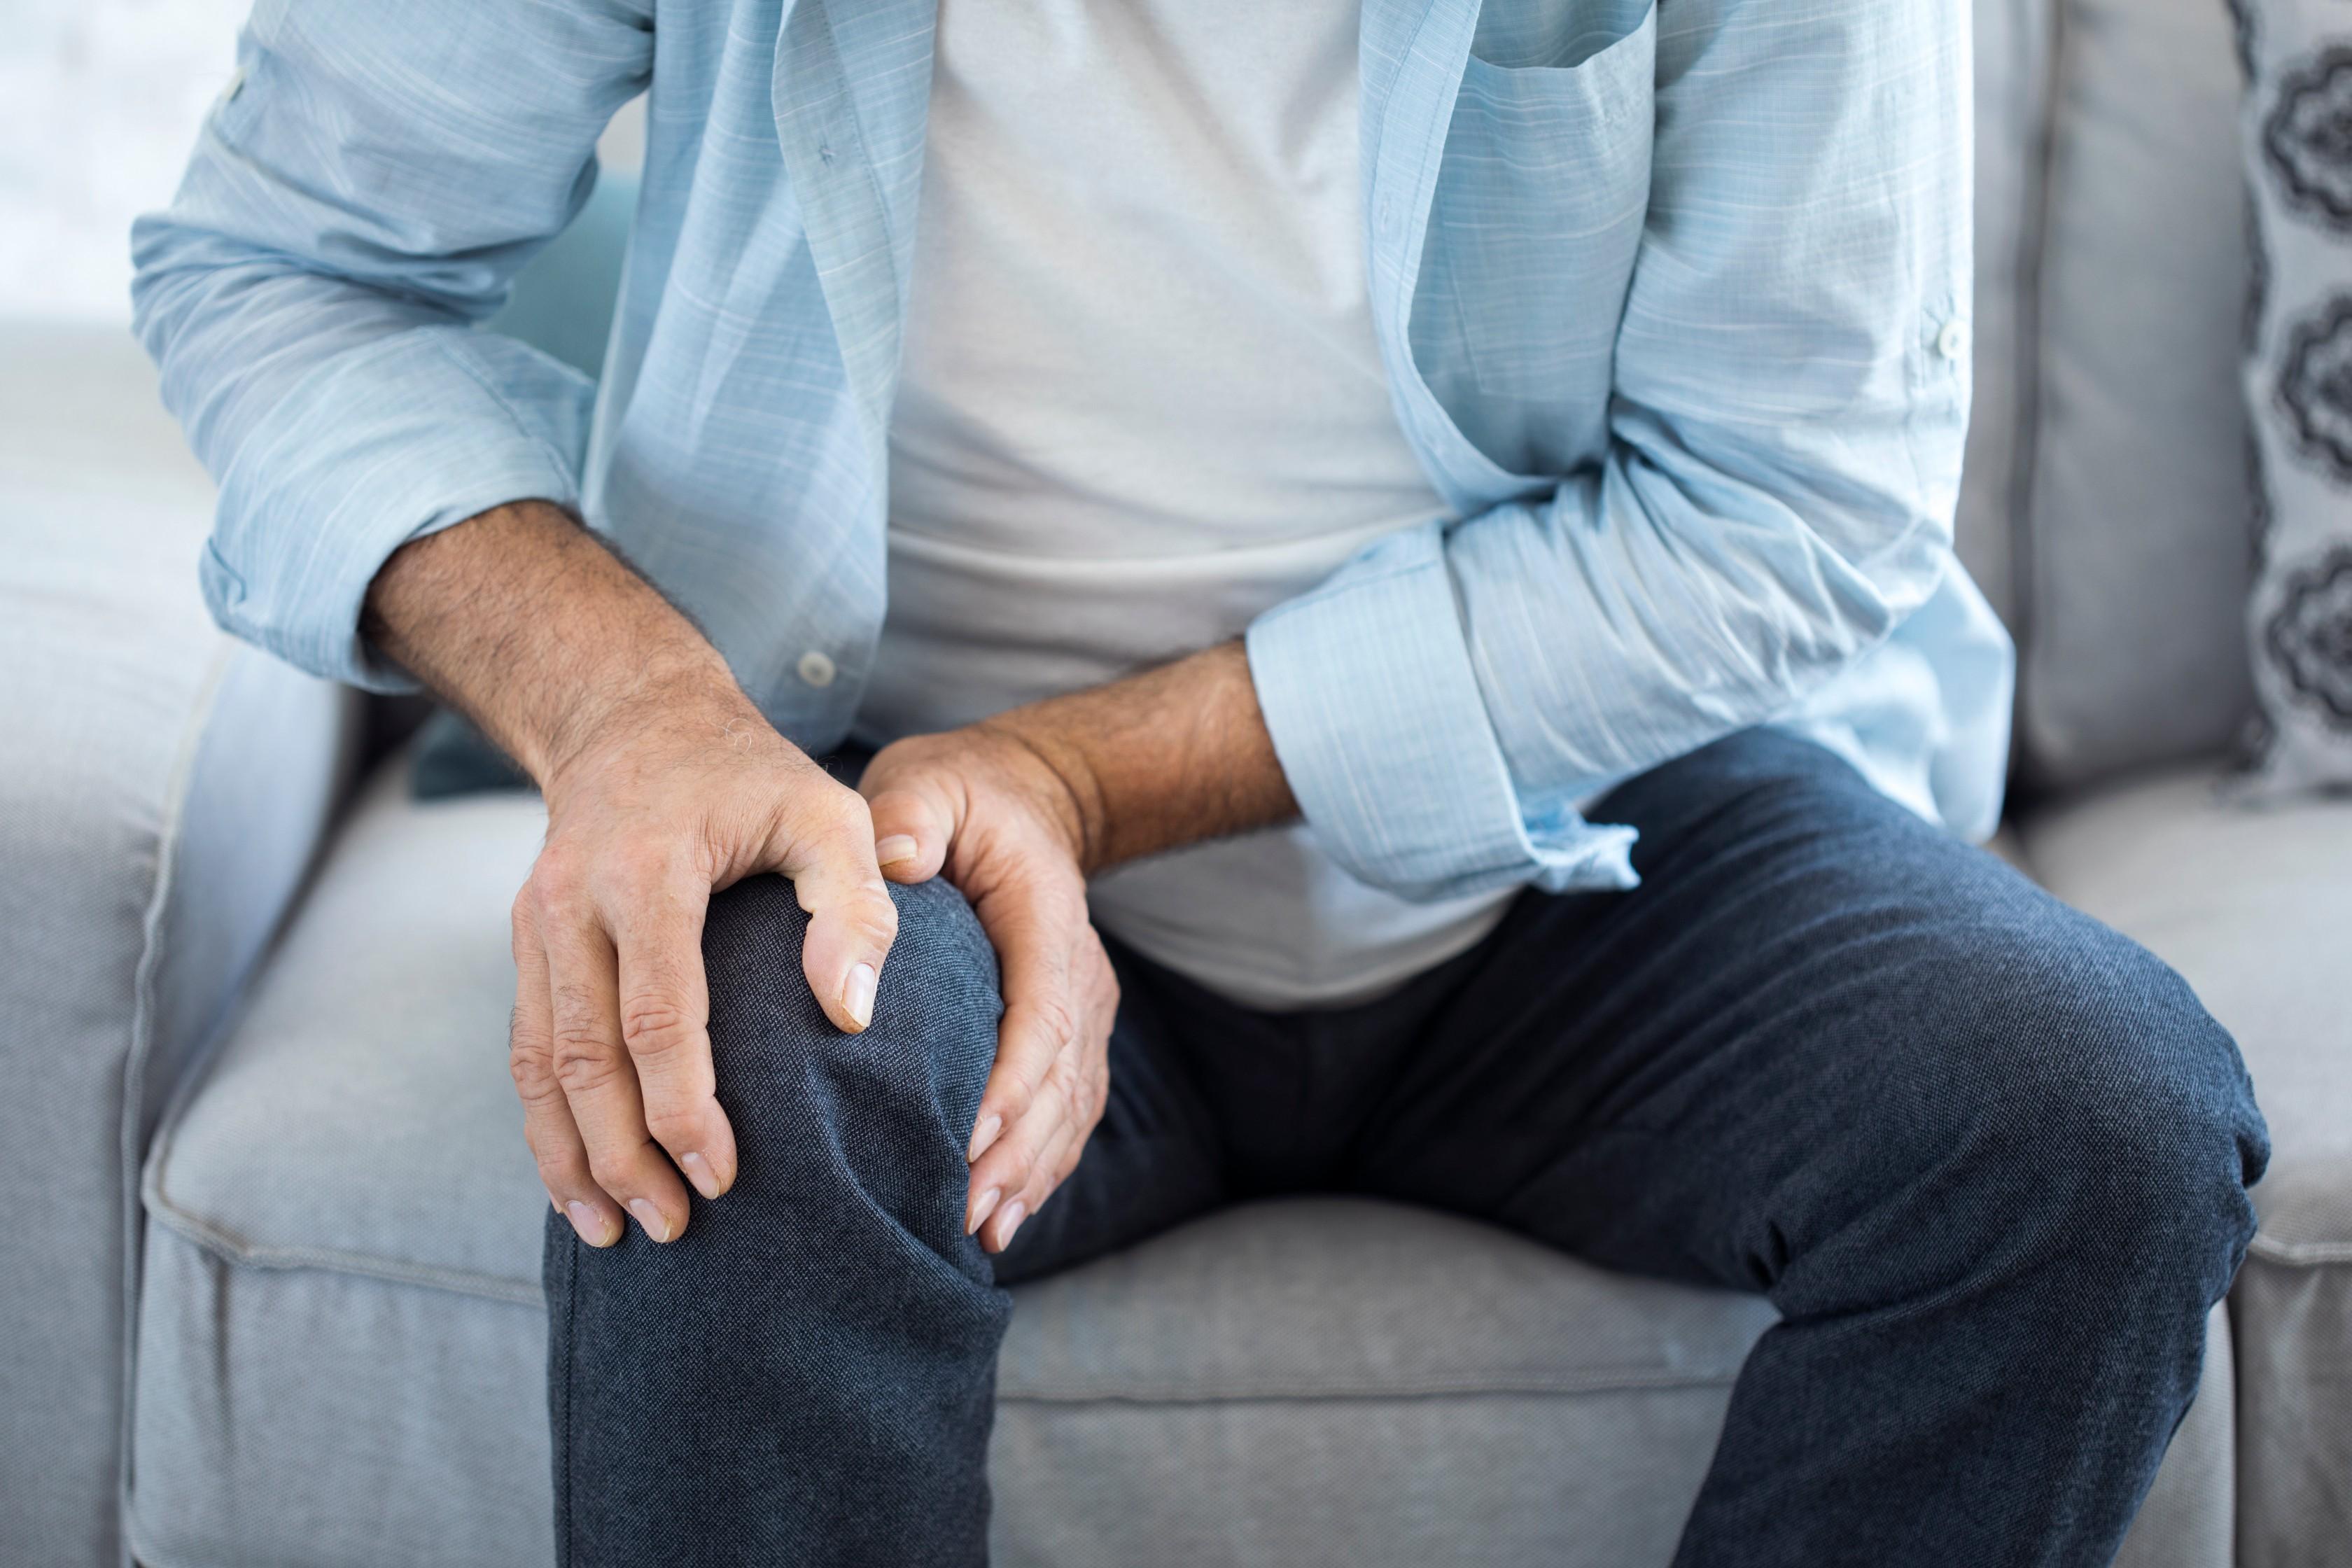 fájdalom a lábak ízületeiben ülőkor